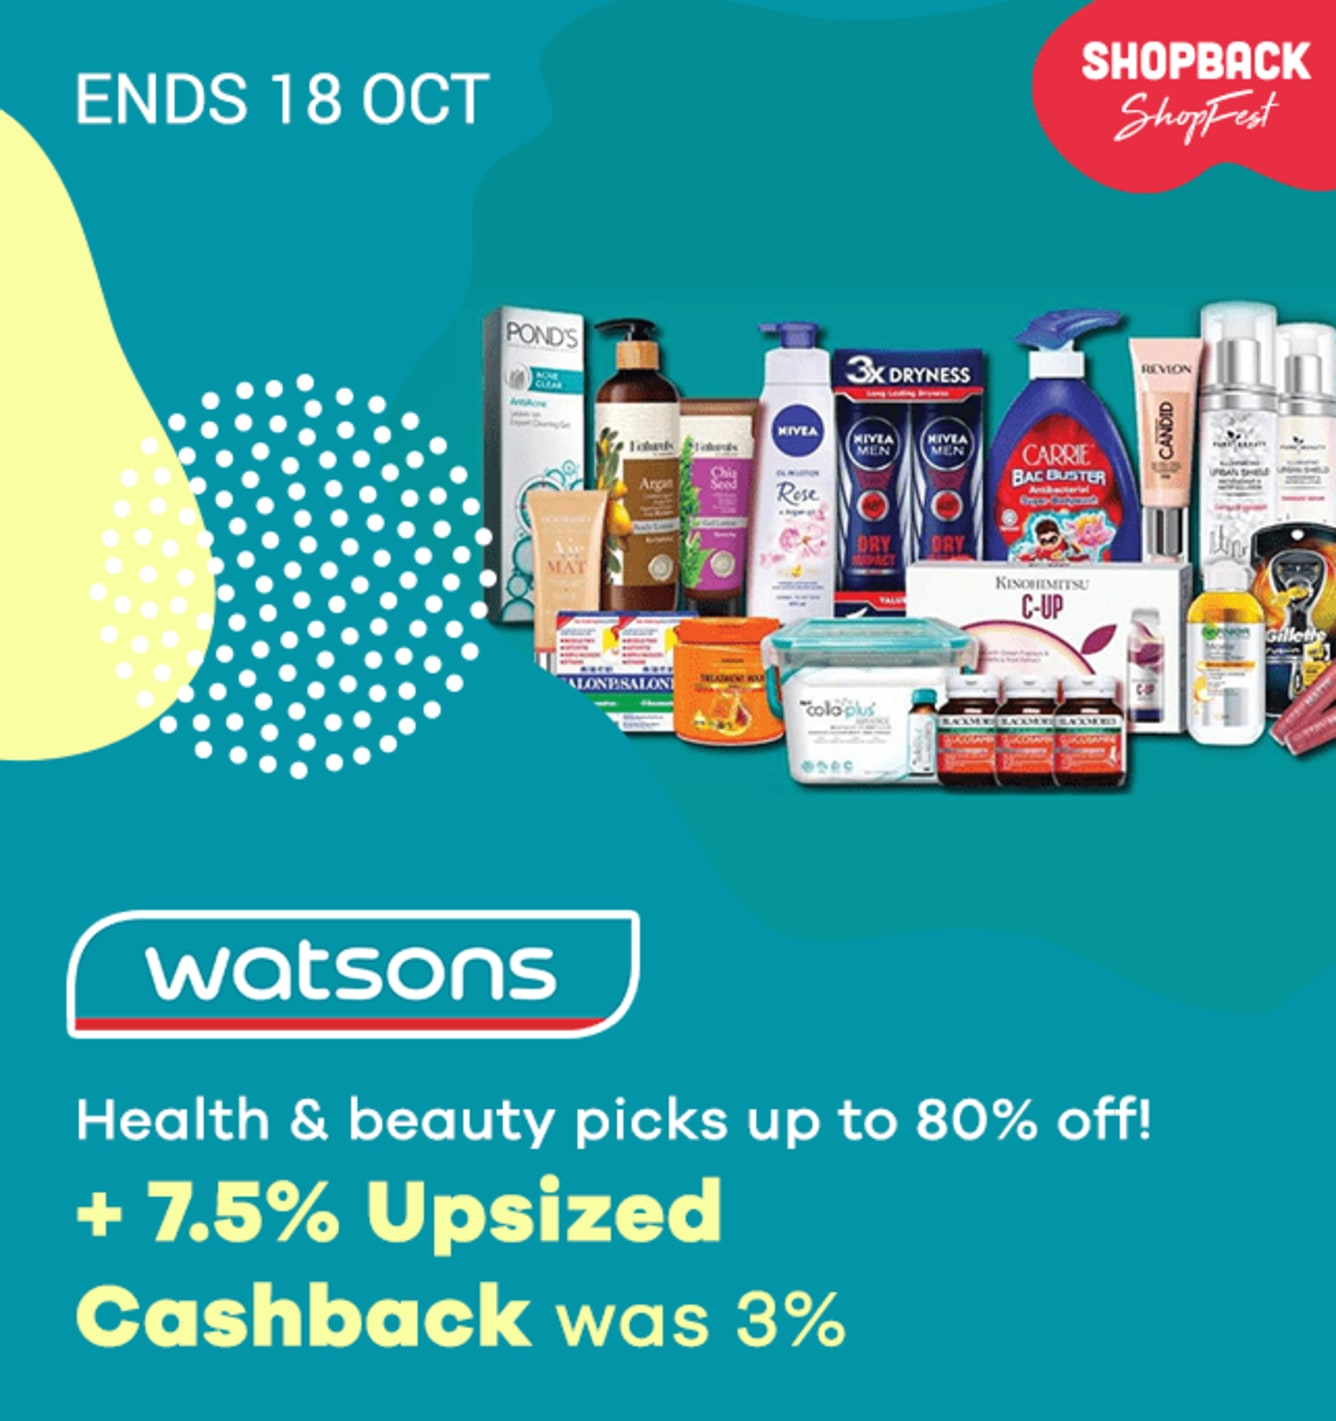 Watsons 7.5% Upsized Cashback